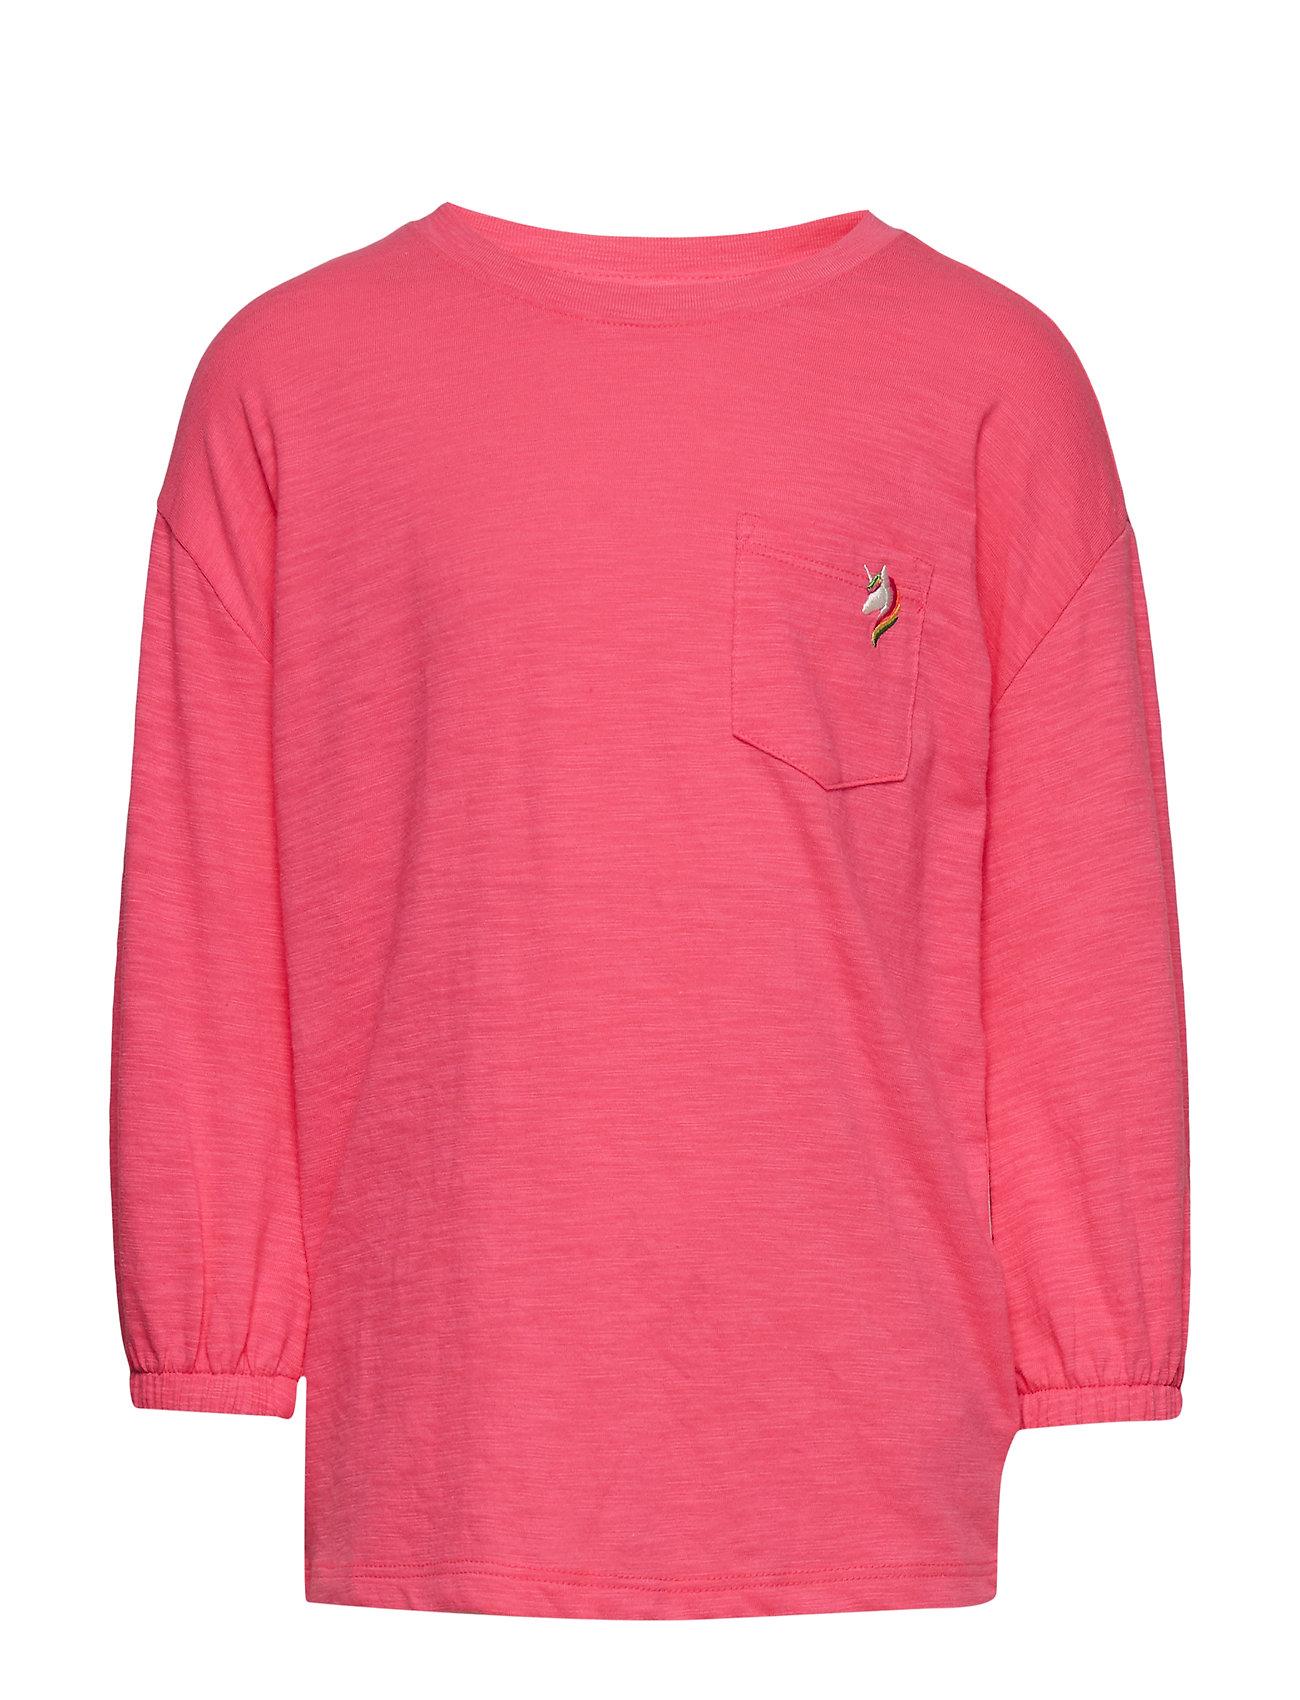 GAP Kids Balloon-Sleeve Pocket T-Shirt - PINK LIGHT